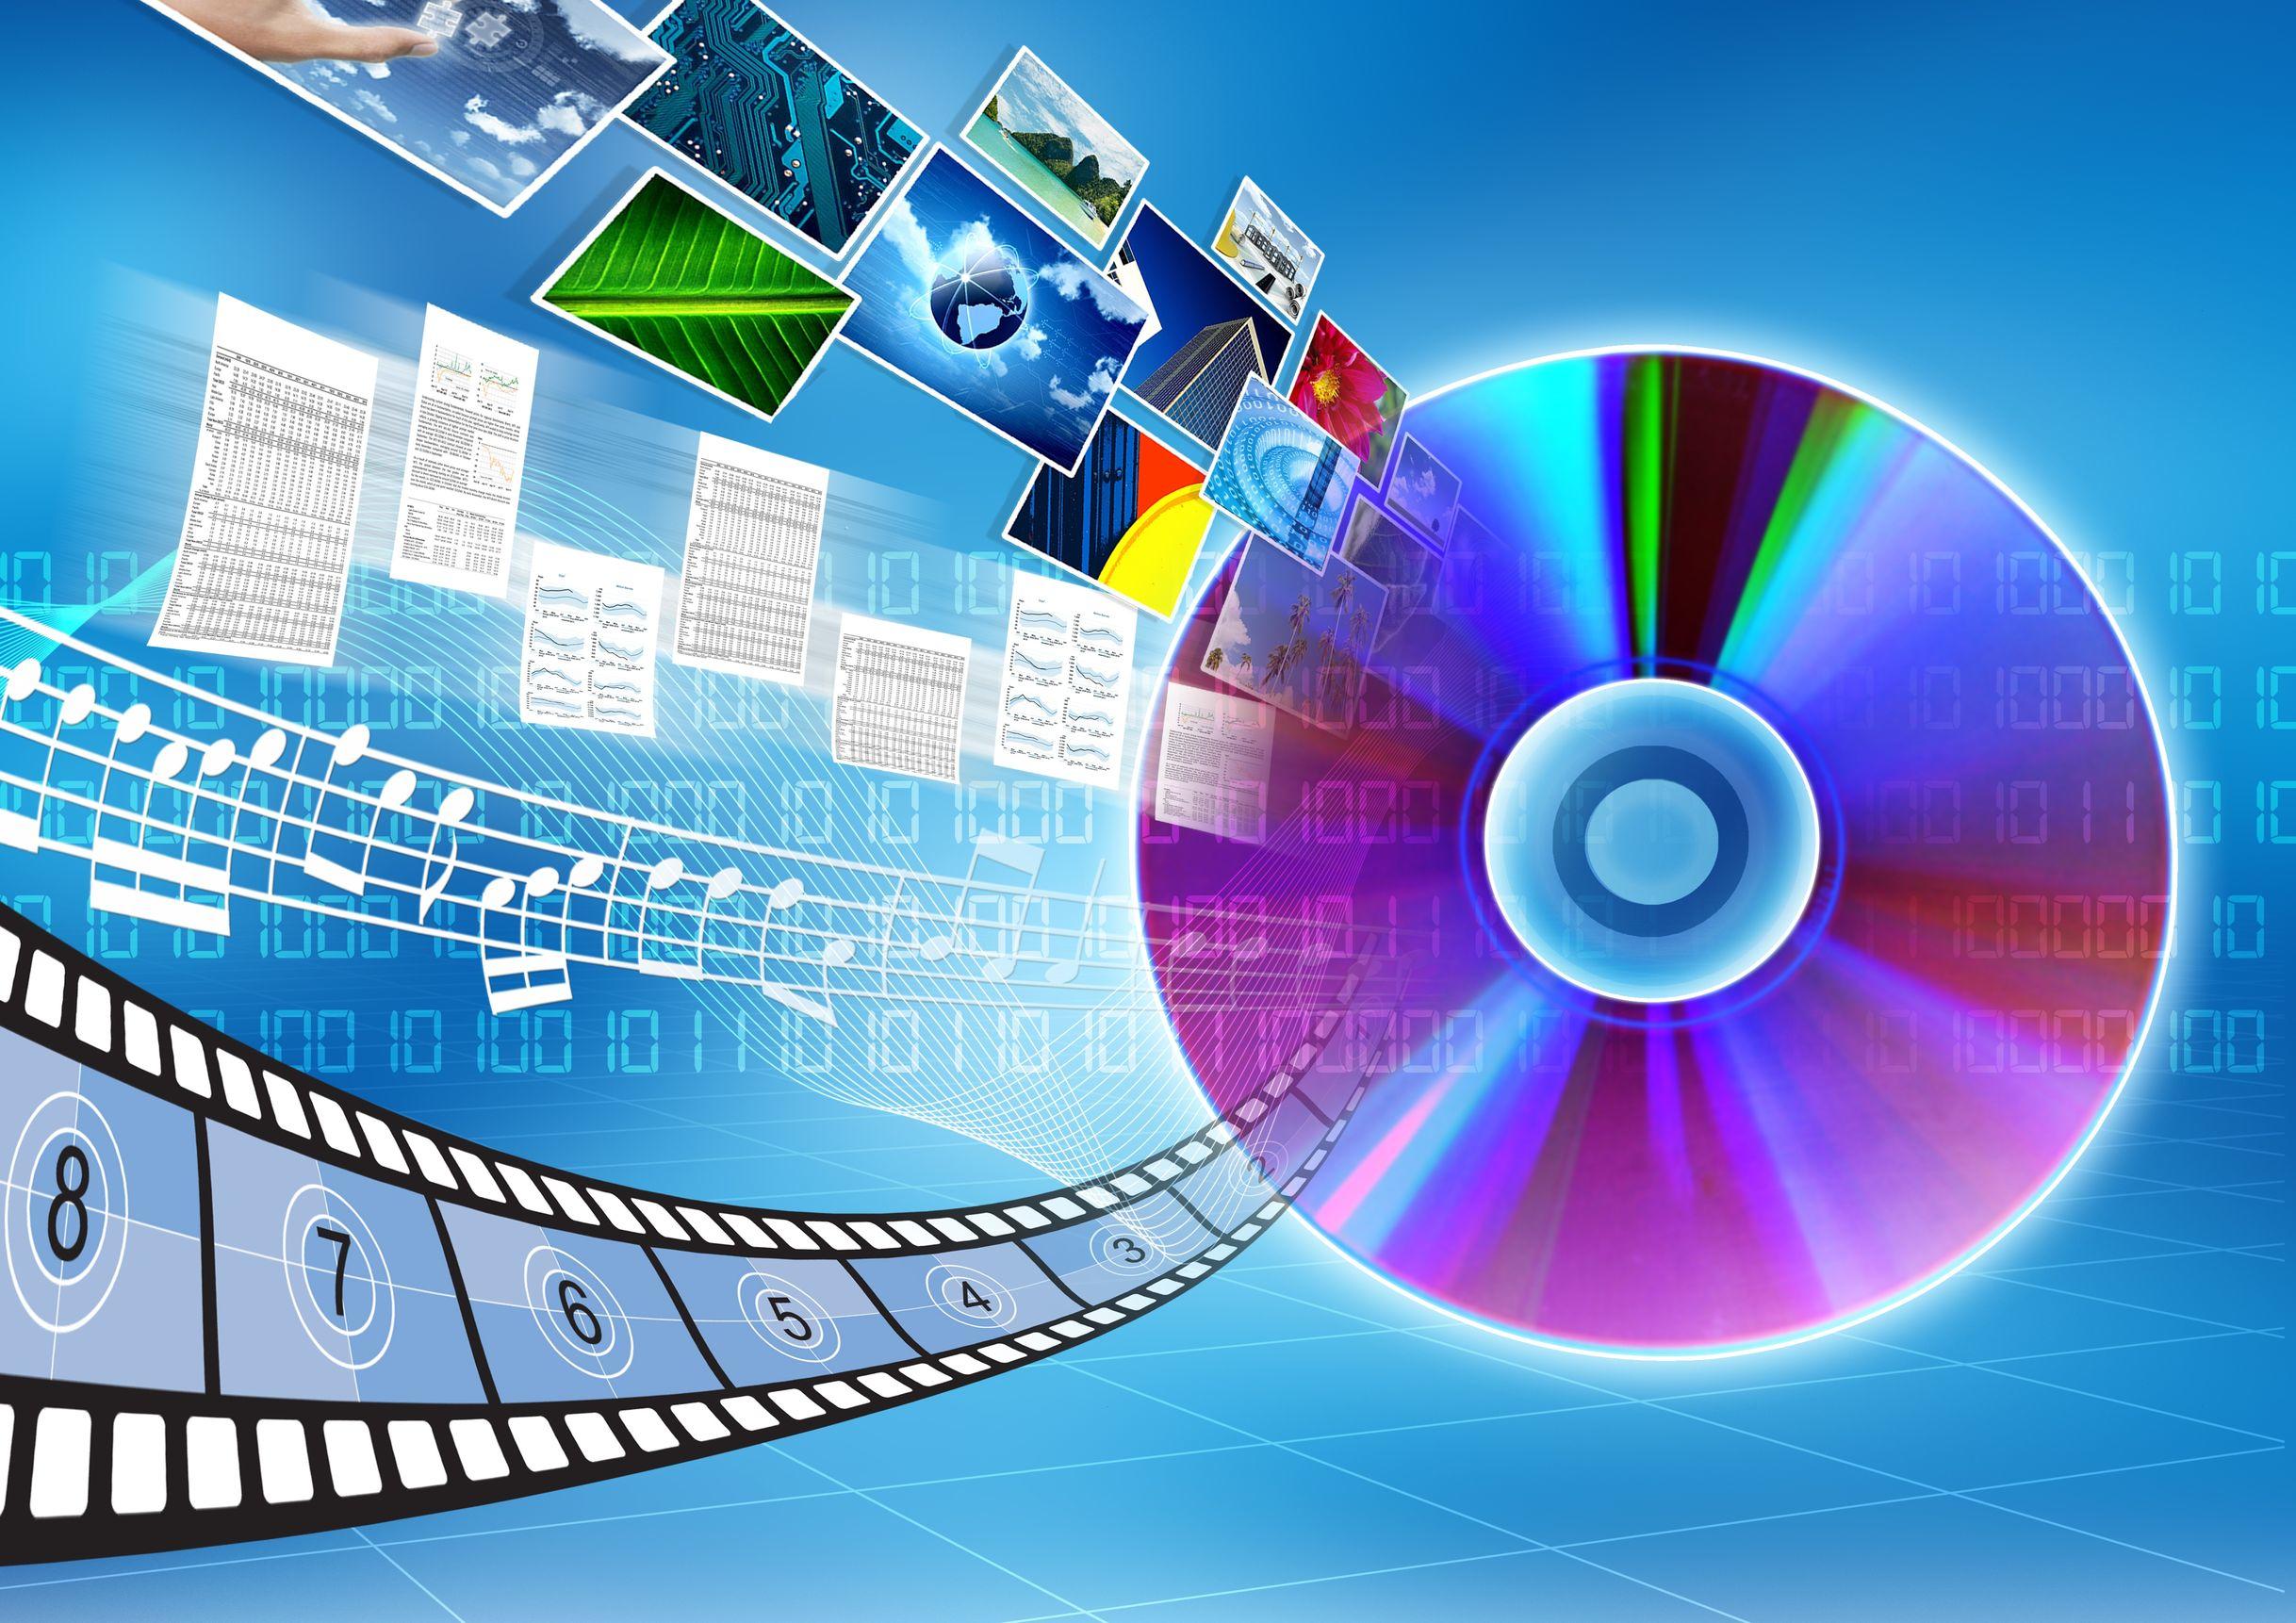 cd Copying